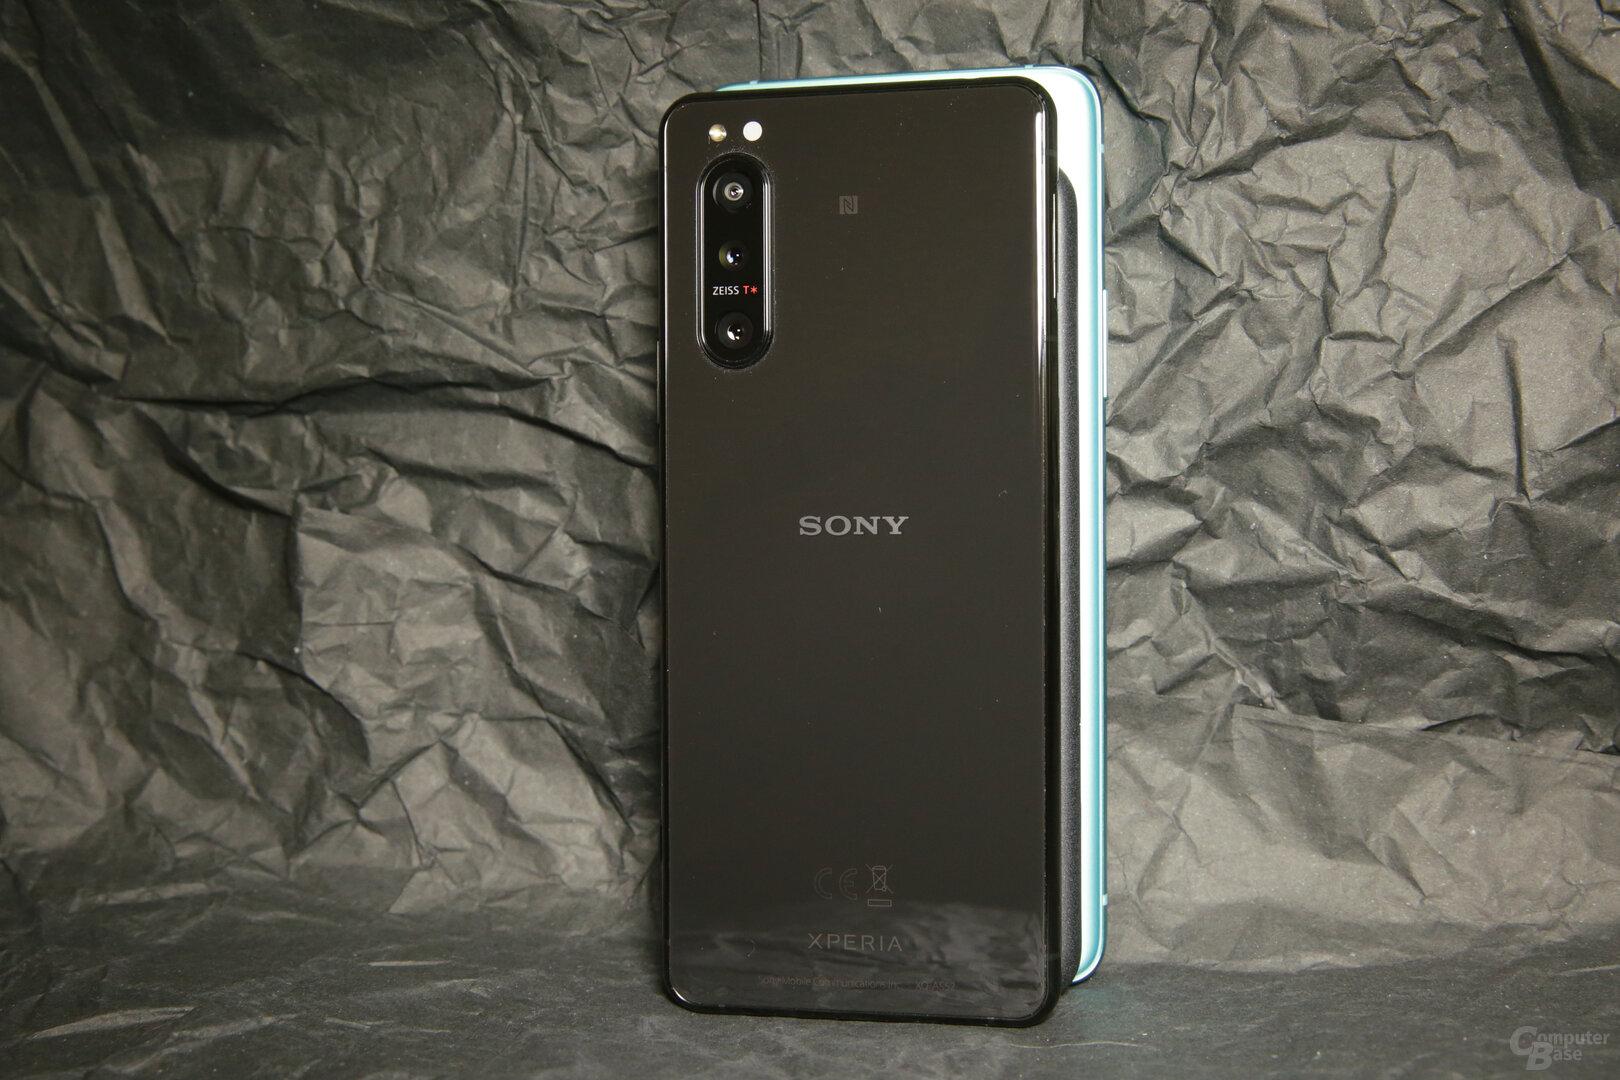 Sony hat mit 68mm die geringste Breite